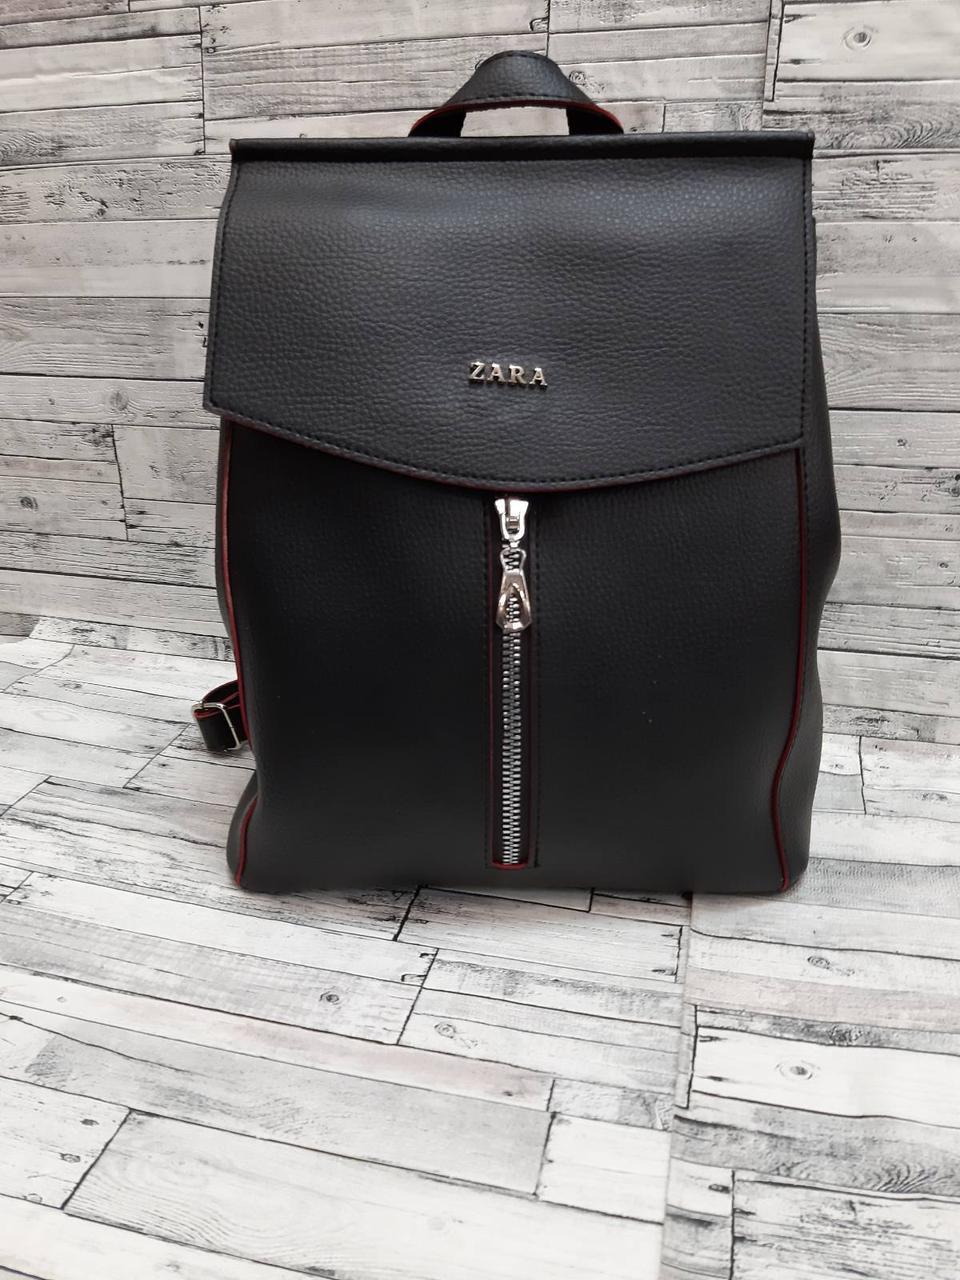 Женский рюкзак сумка с клапаном кожзам Зара Zara. Черный с красным.